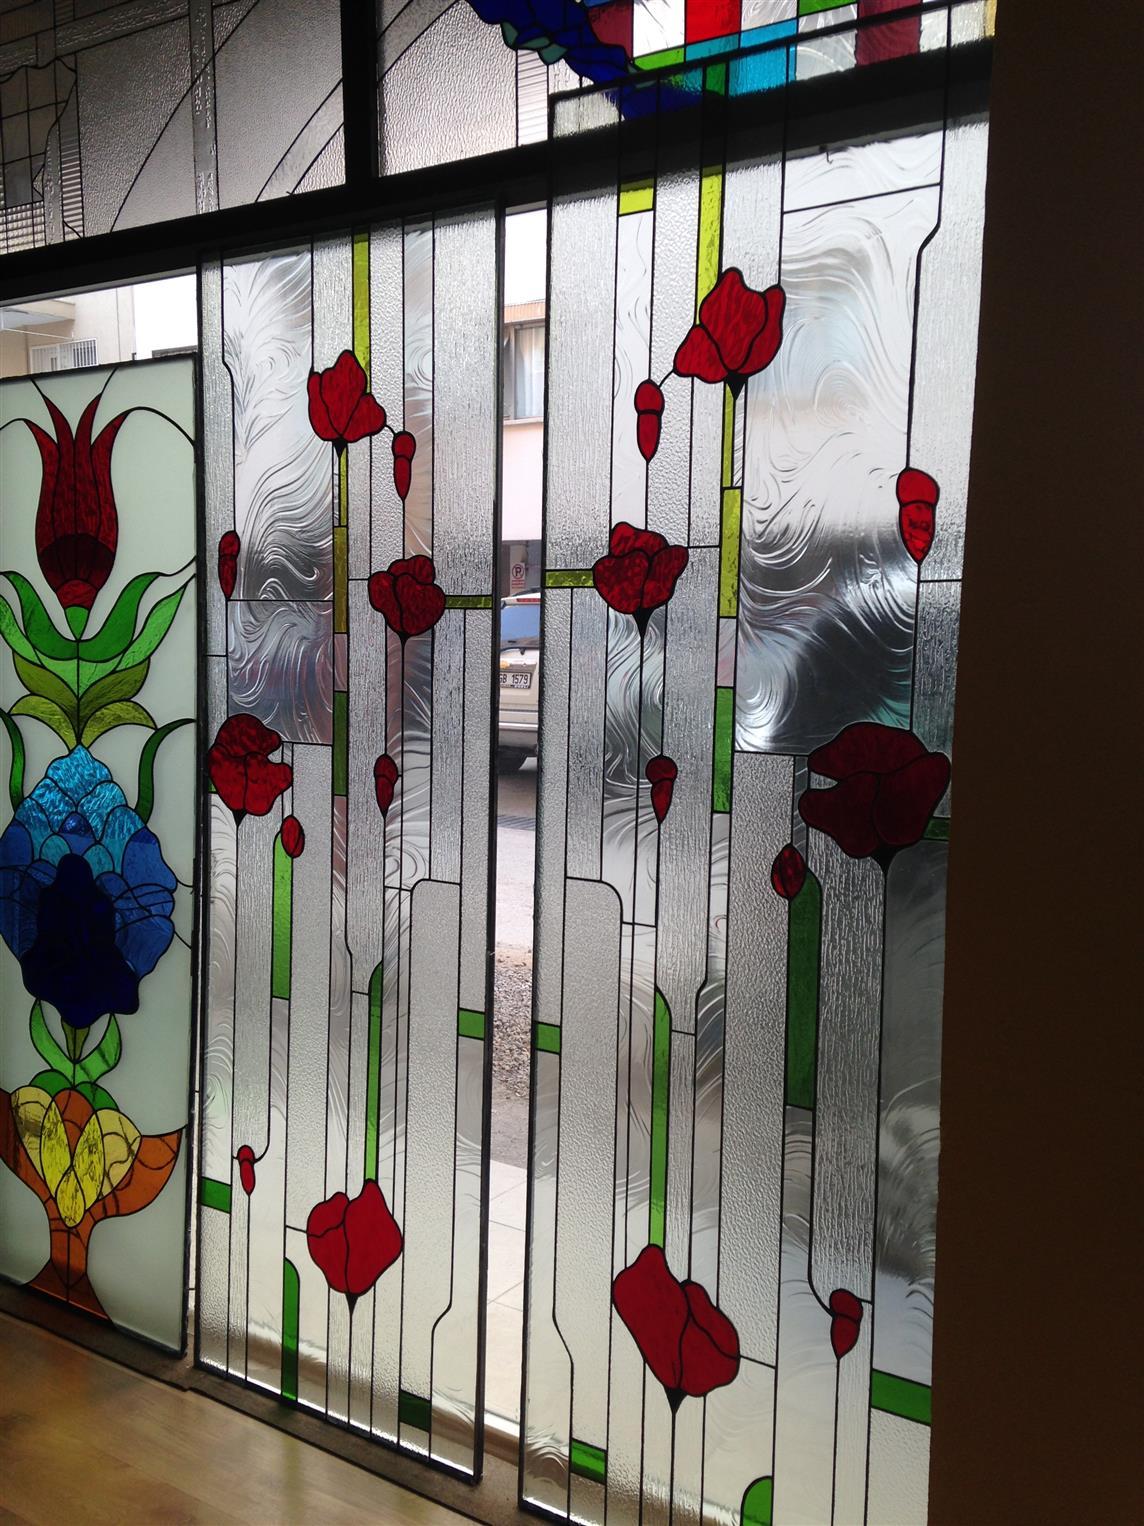 urla-evleri-vitray-calismasi201652144952737.jpg izmir vitray çalışması